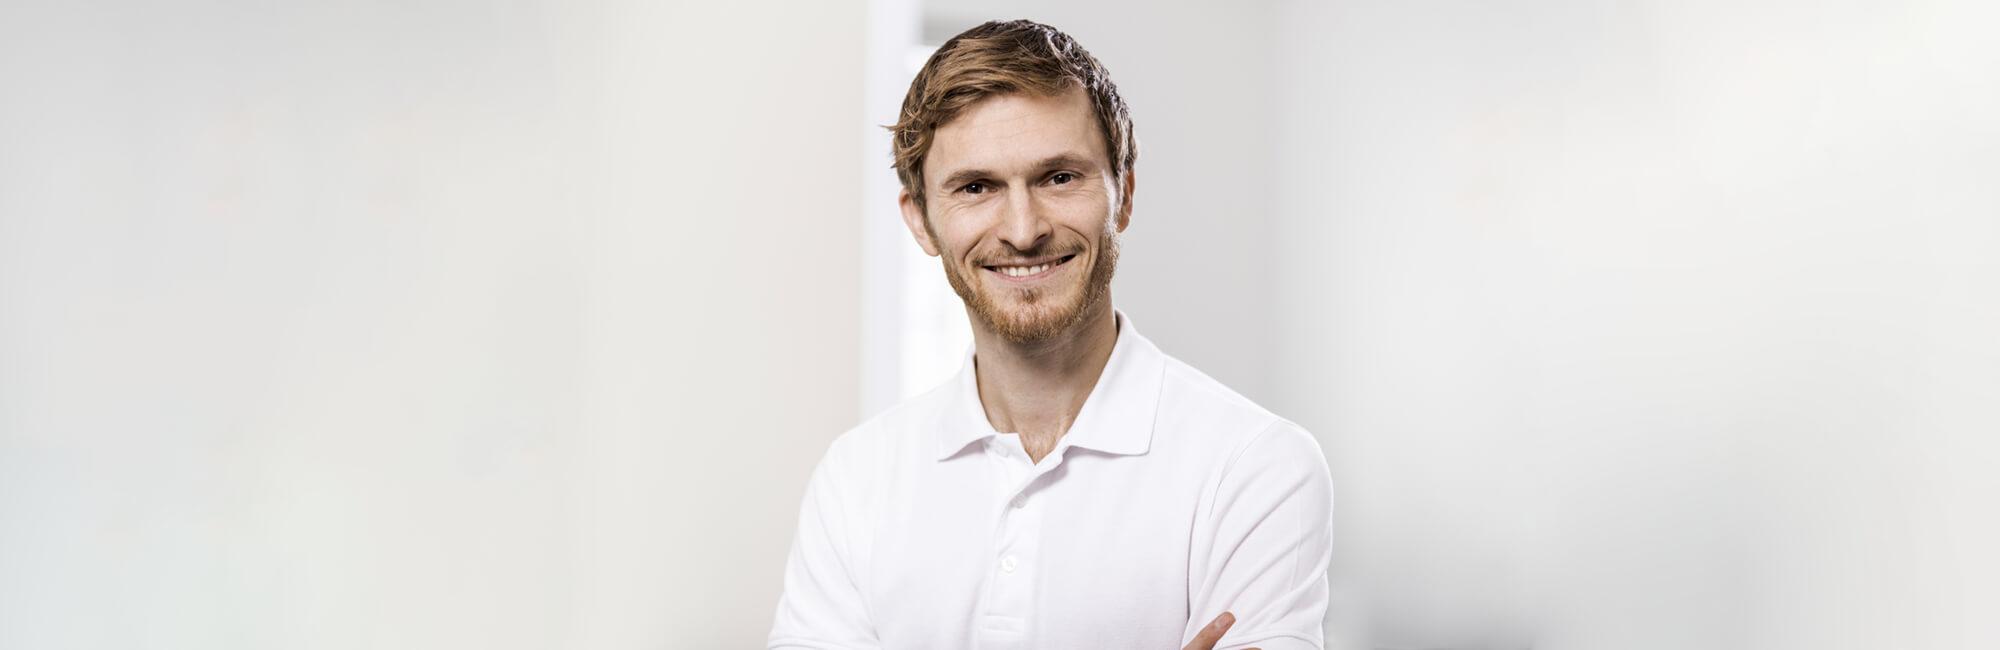 Zahnarzt Köln Rondorf - Tiddens - Leistungen Slider